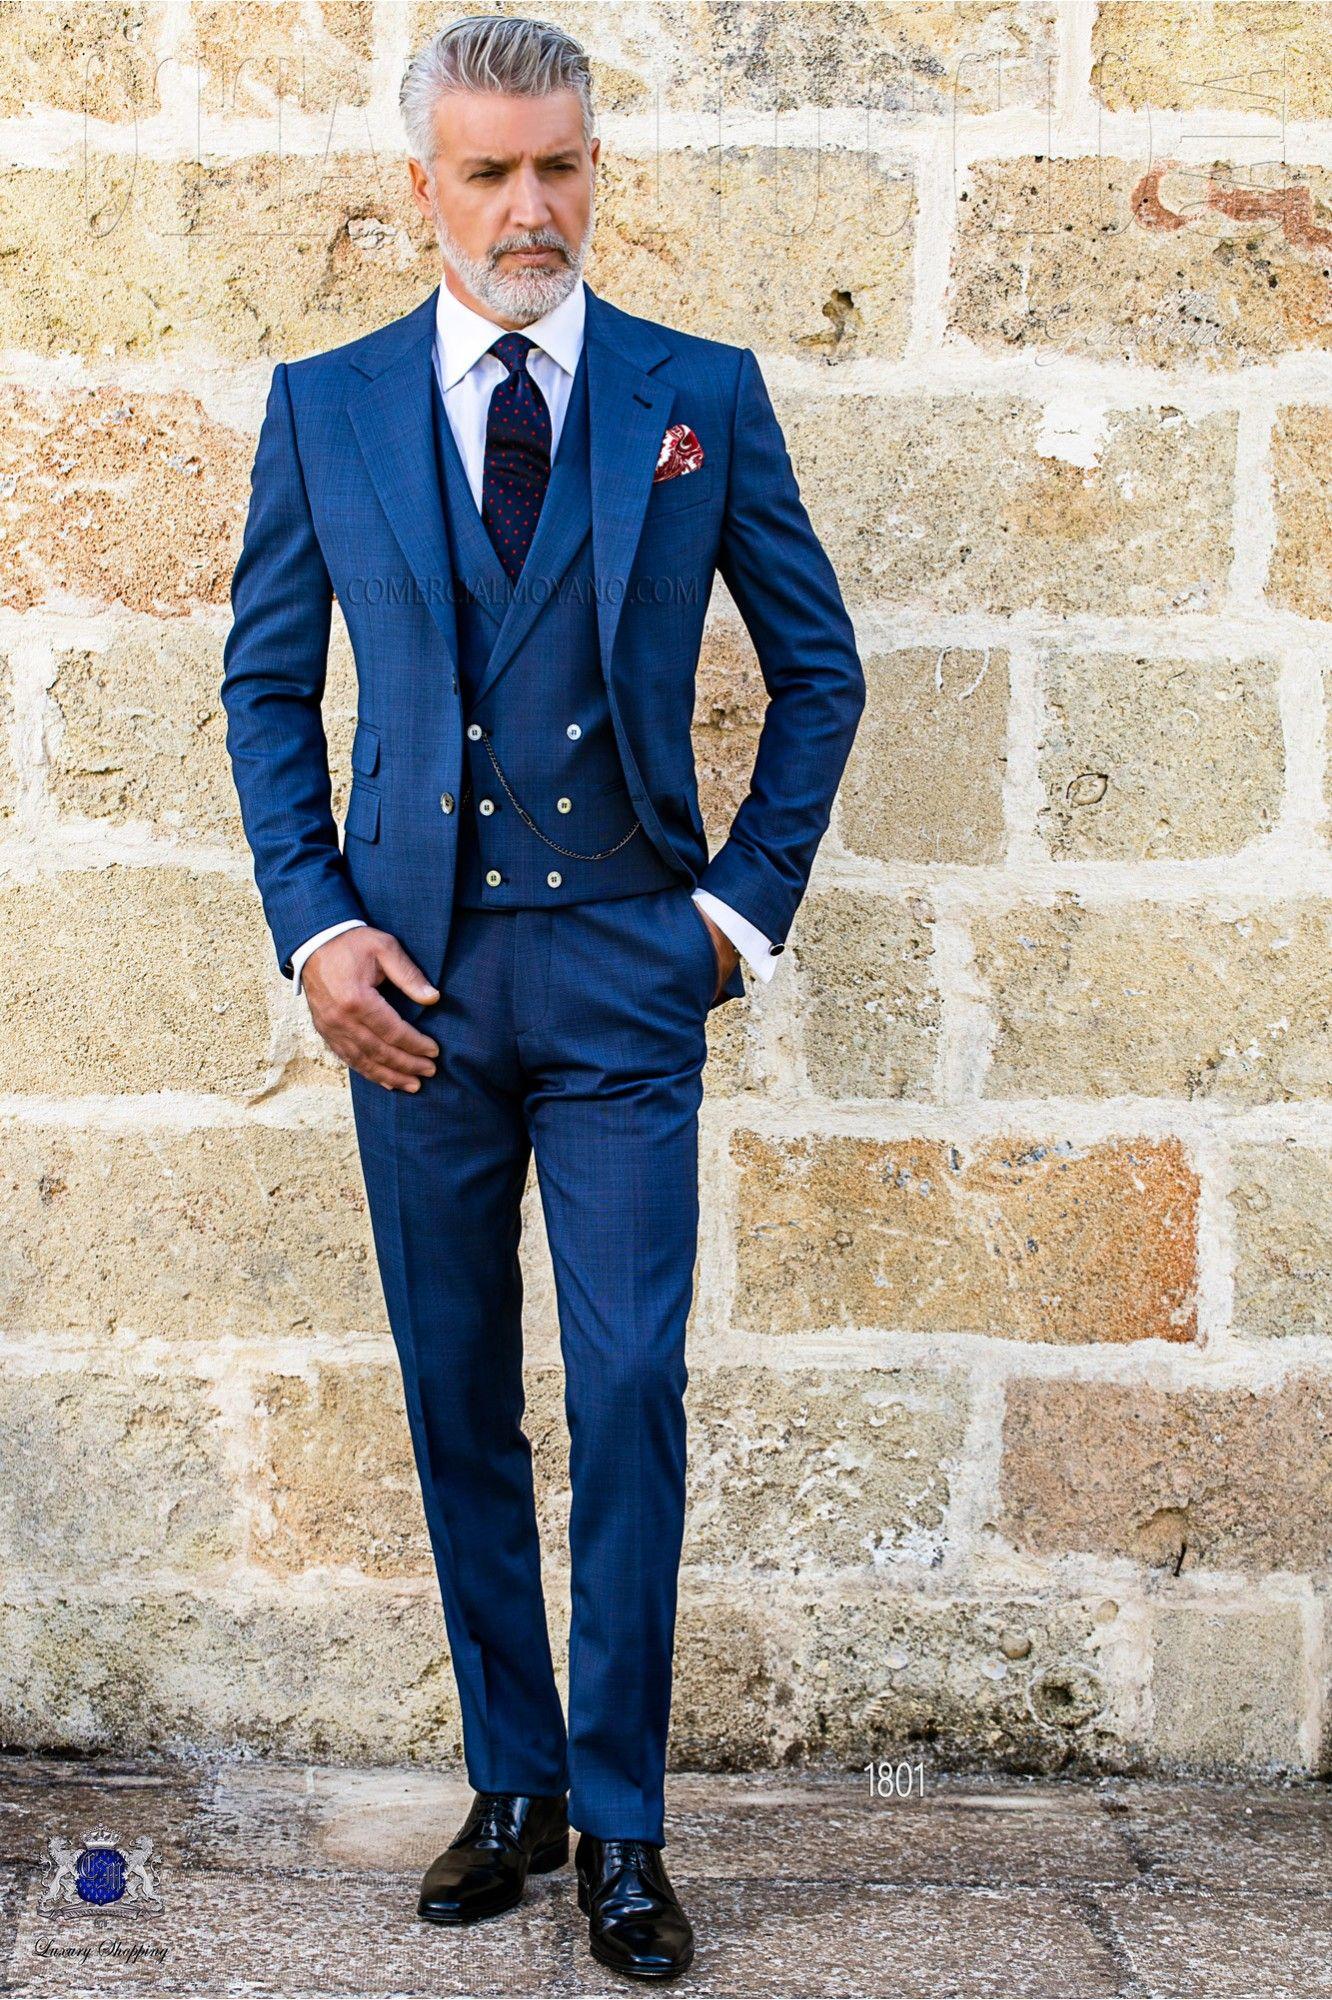 Schottenmuster Blaue Herren Anzug Anzuge Pinterest Anzug